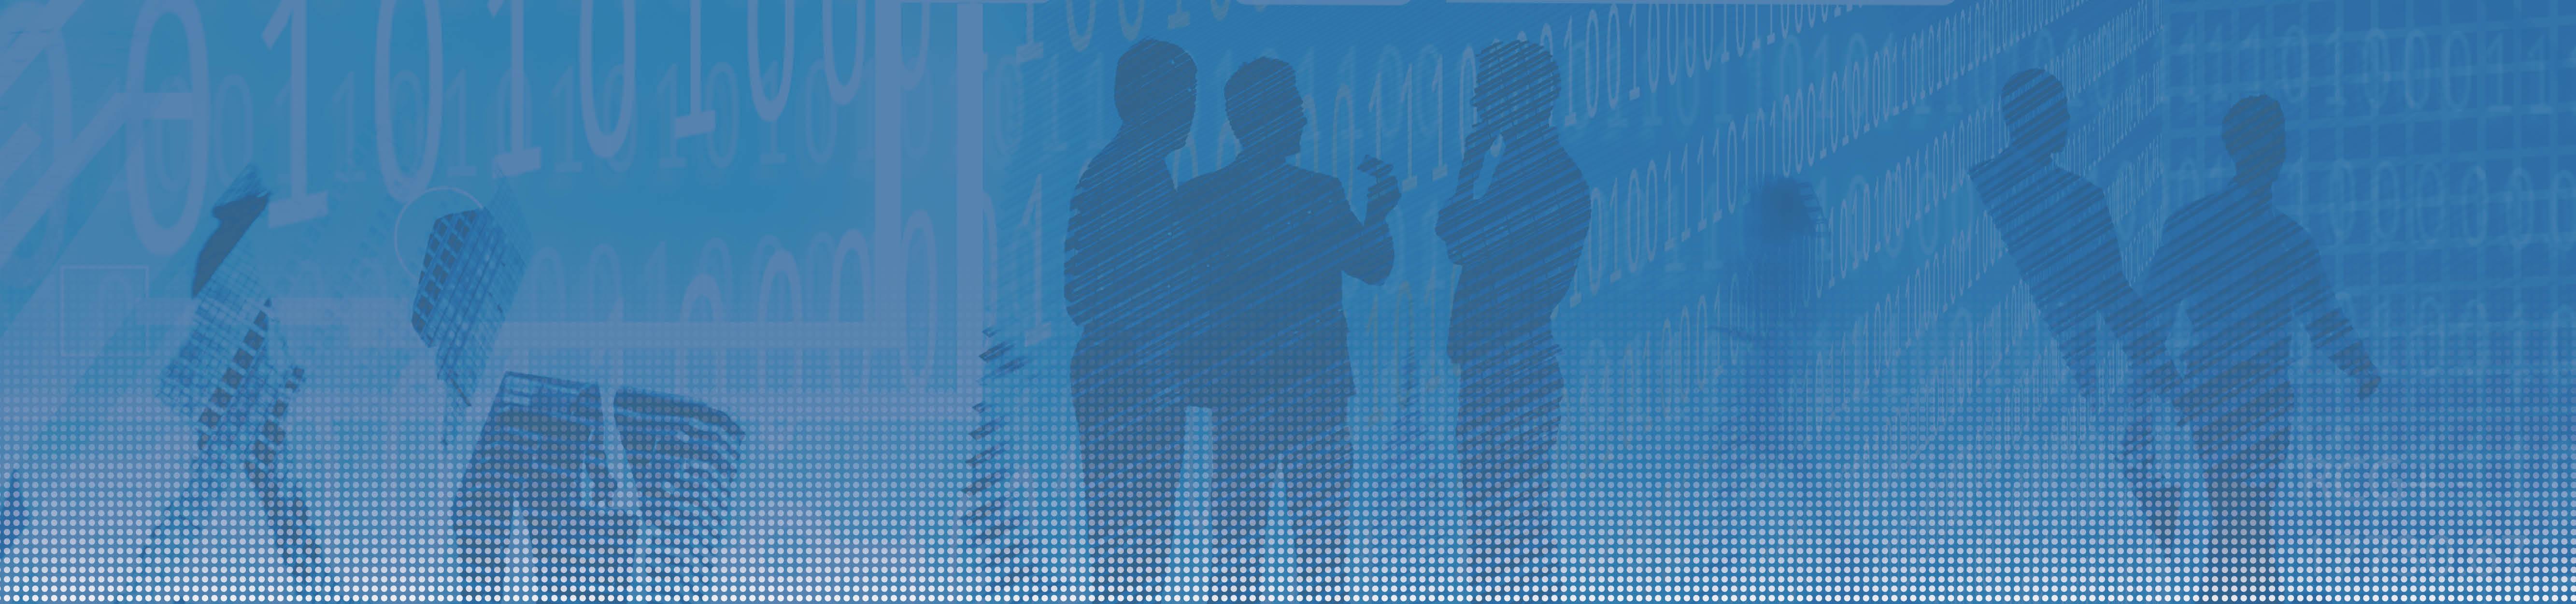 Workforce Optimization Services